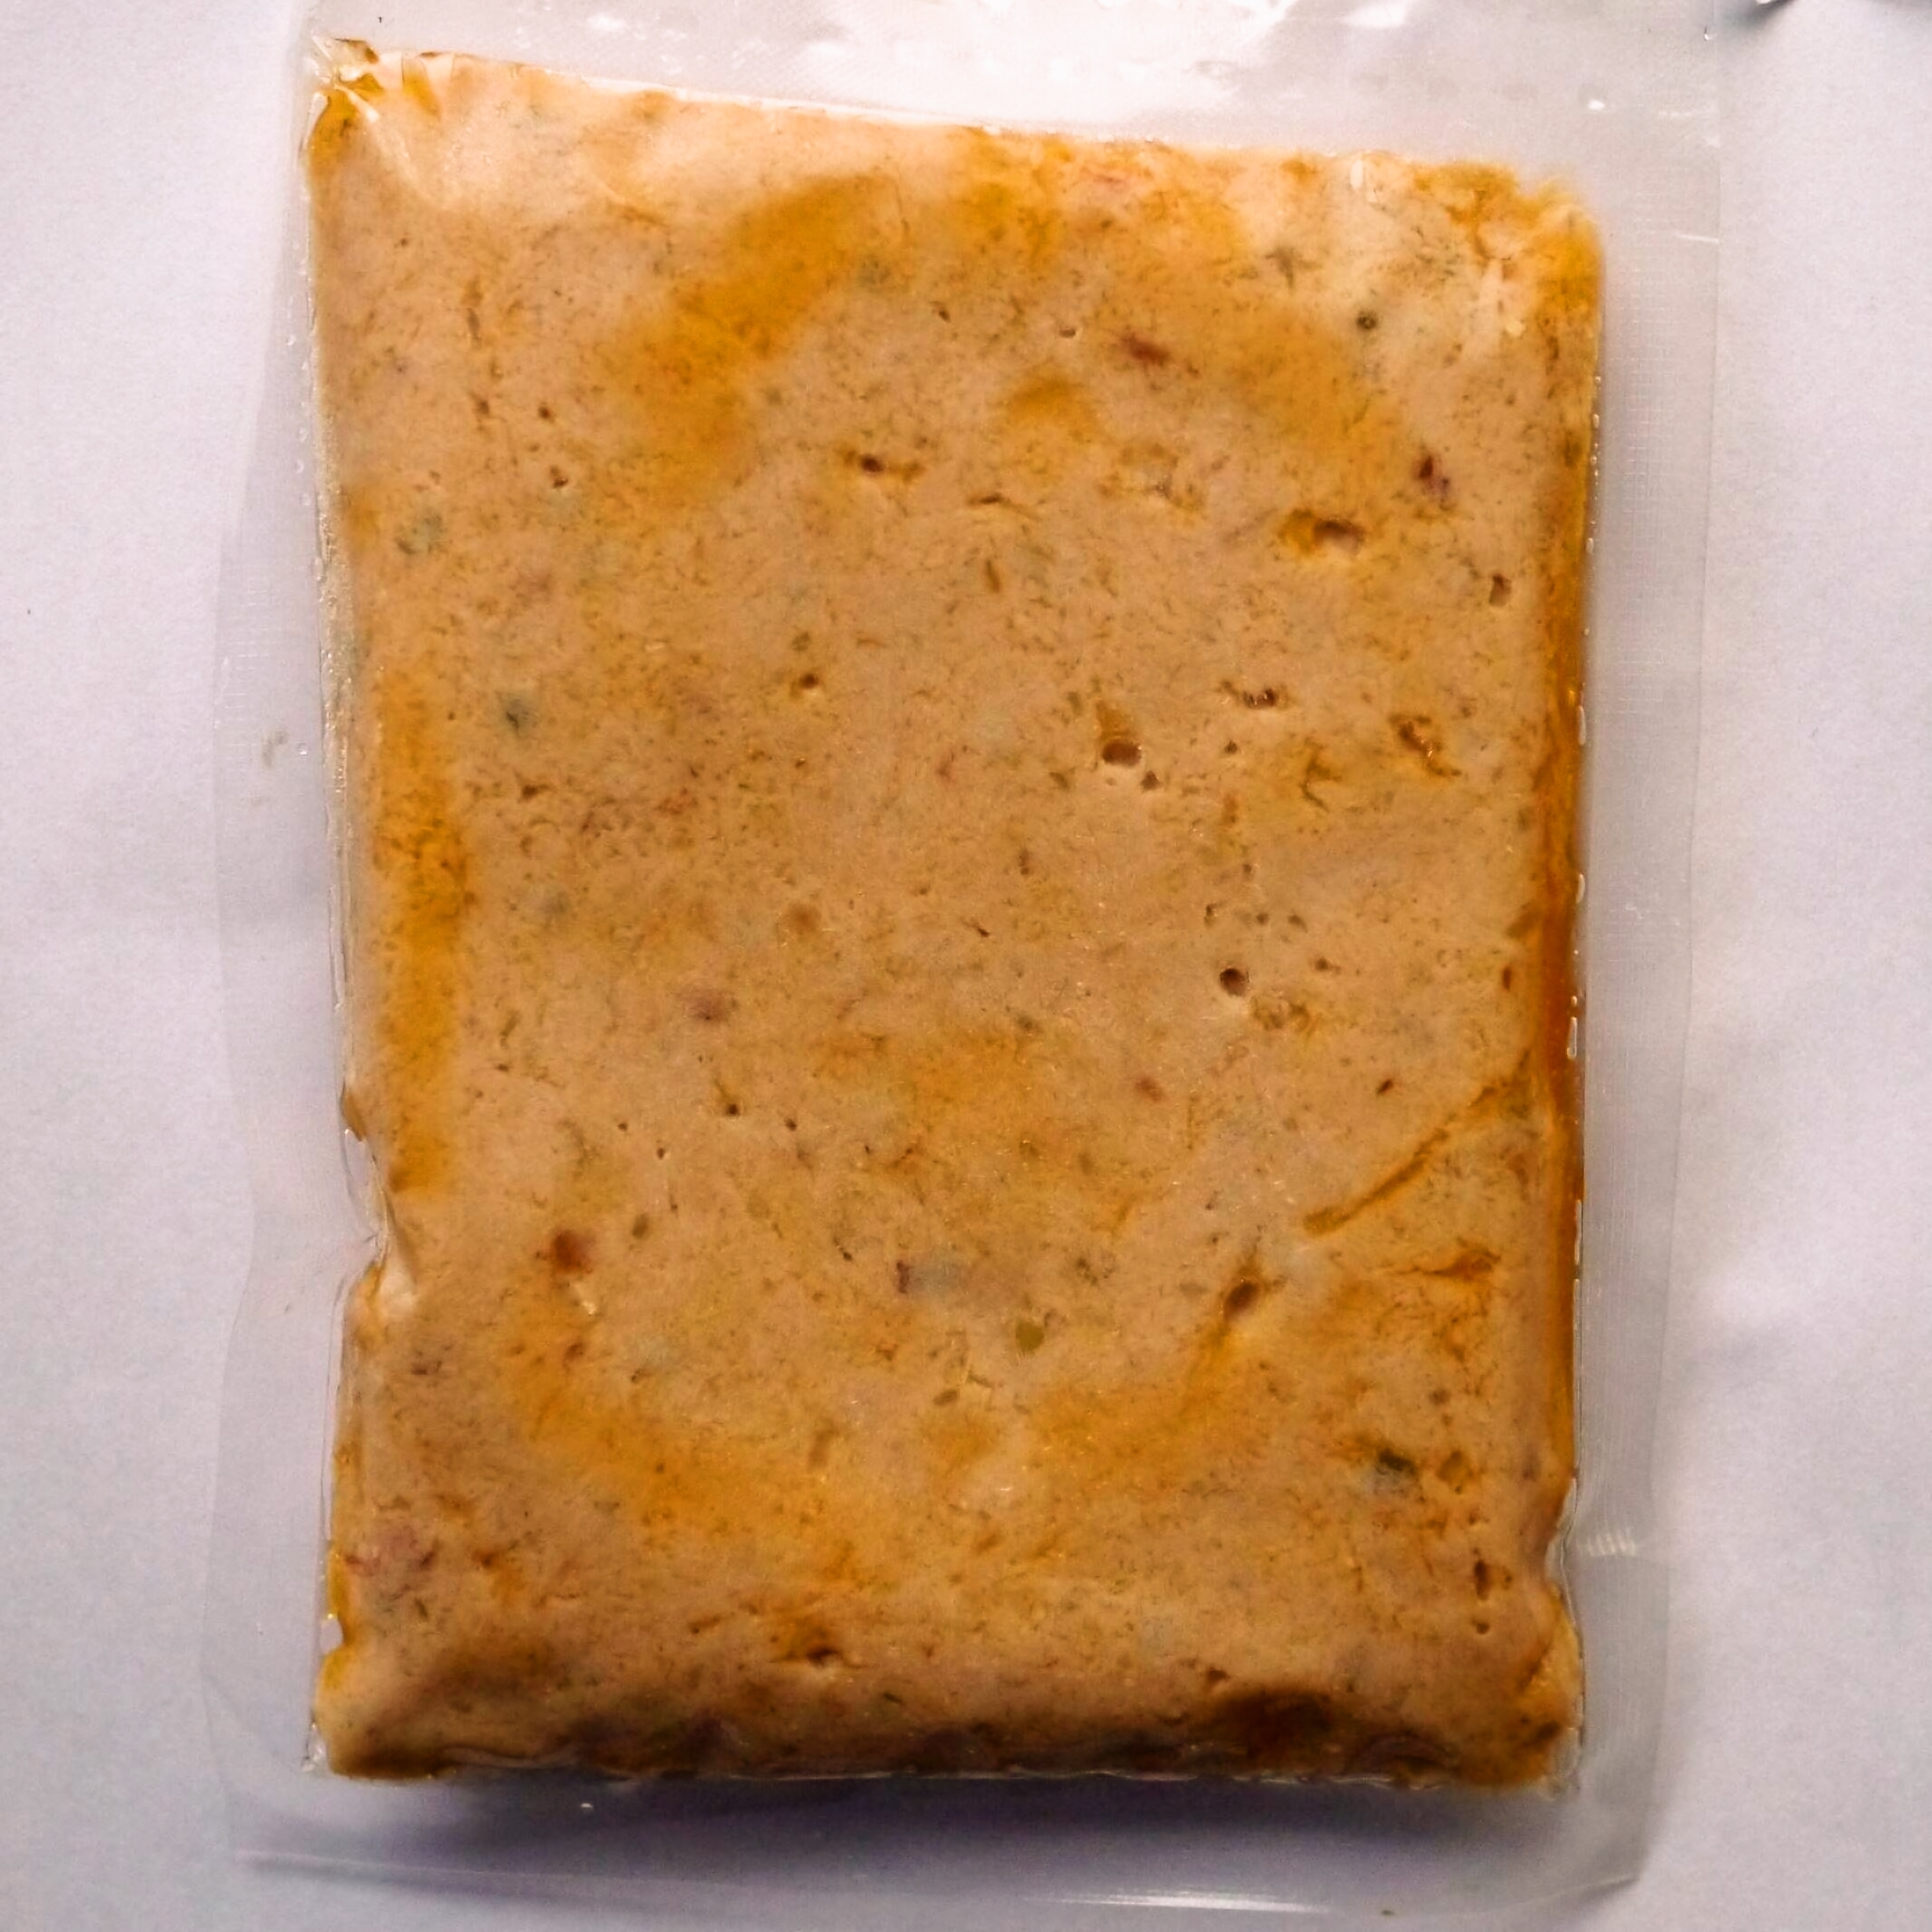 スモークサーモンとクリームチーズのリエット